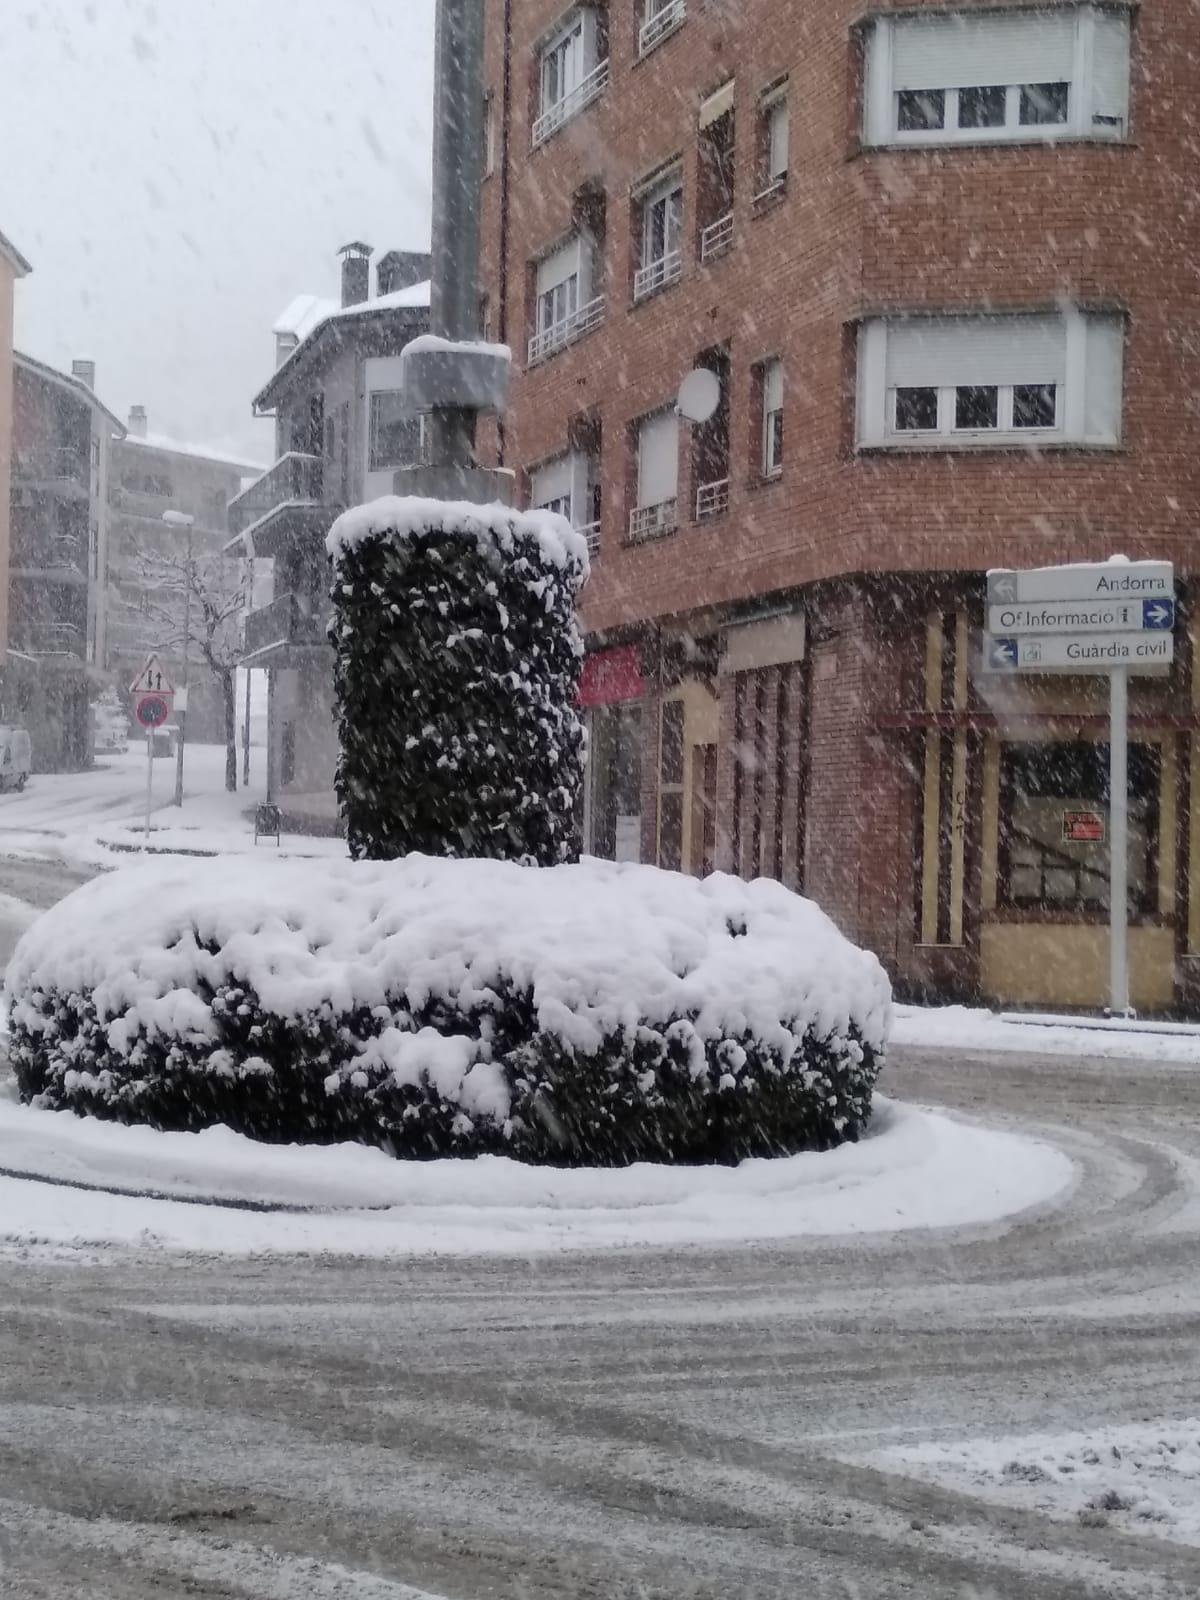 Neu i vent compliquen la mobilitat a Andorra i resta del Pirineu i Prepirineu